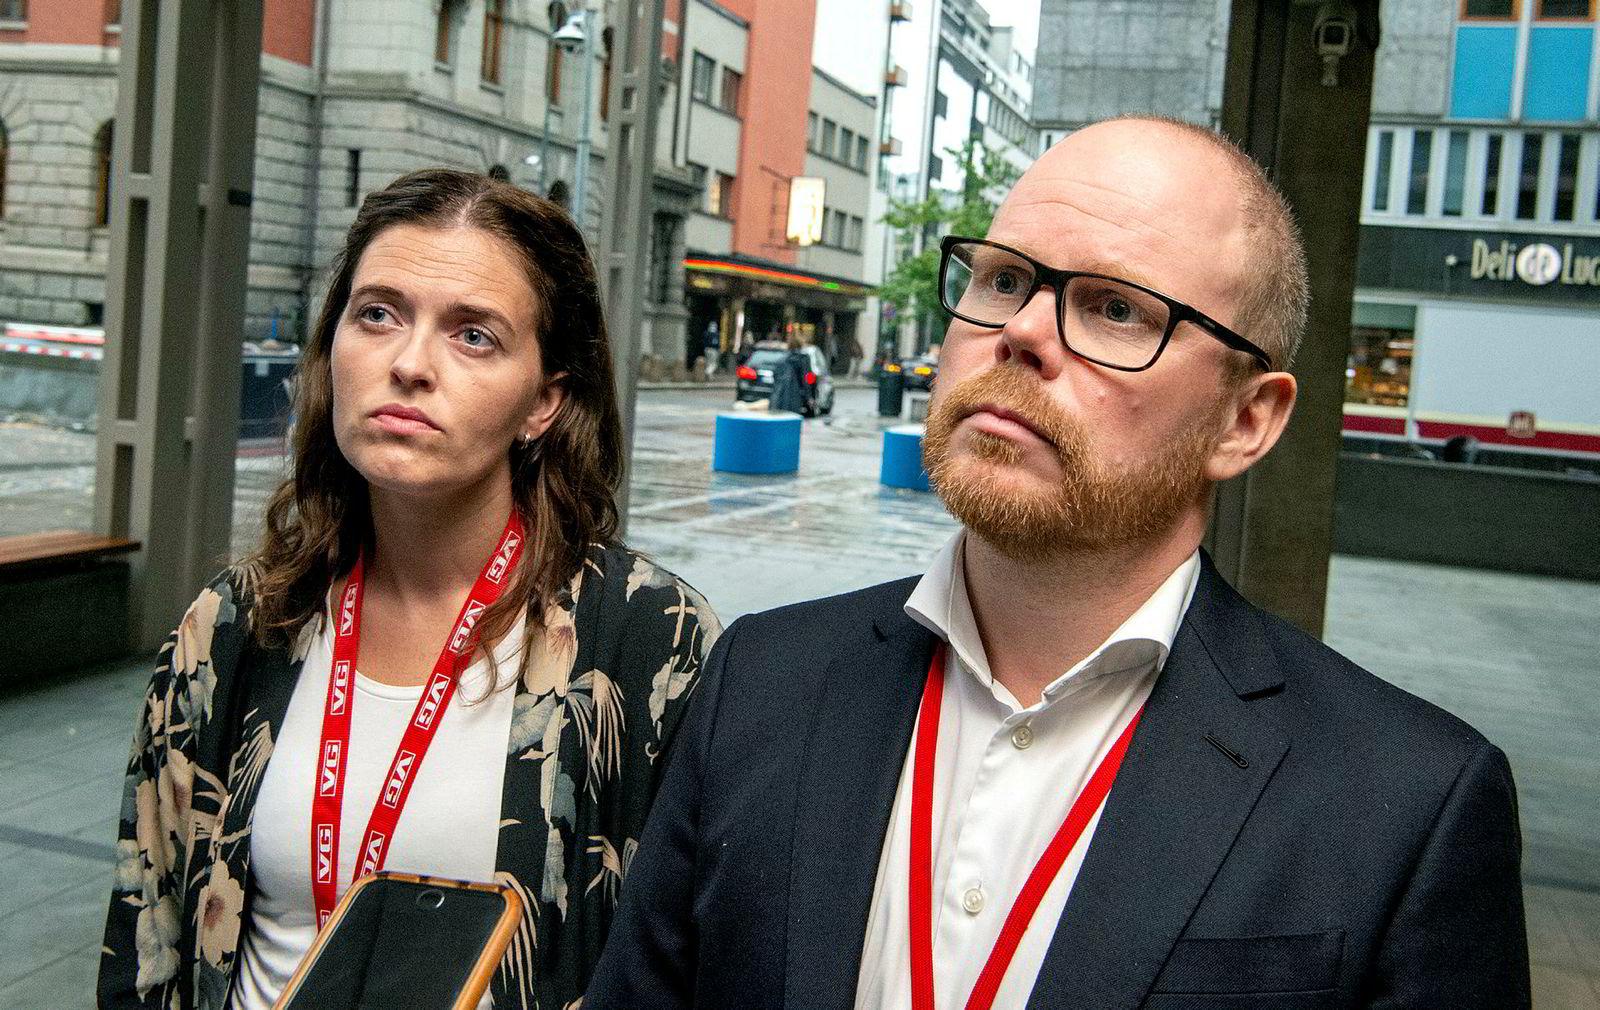 Sjefredaktør Gard Steiro og nyhetsredaktør Tora Bakke Håndlykken i VG svarte i etterkant av behandlingen på spørsmål fra pressen.